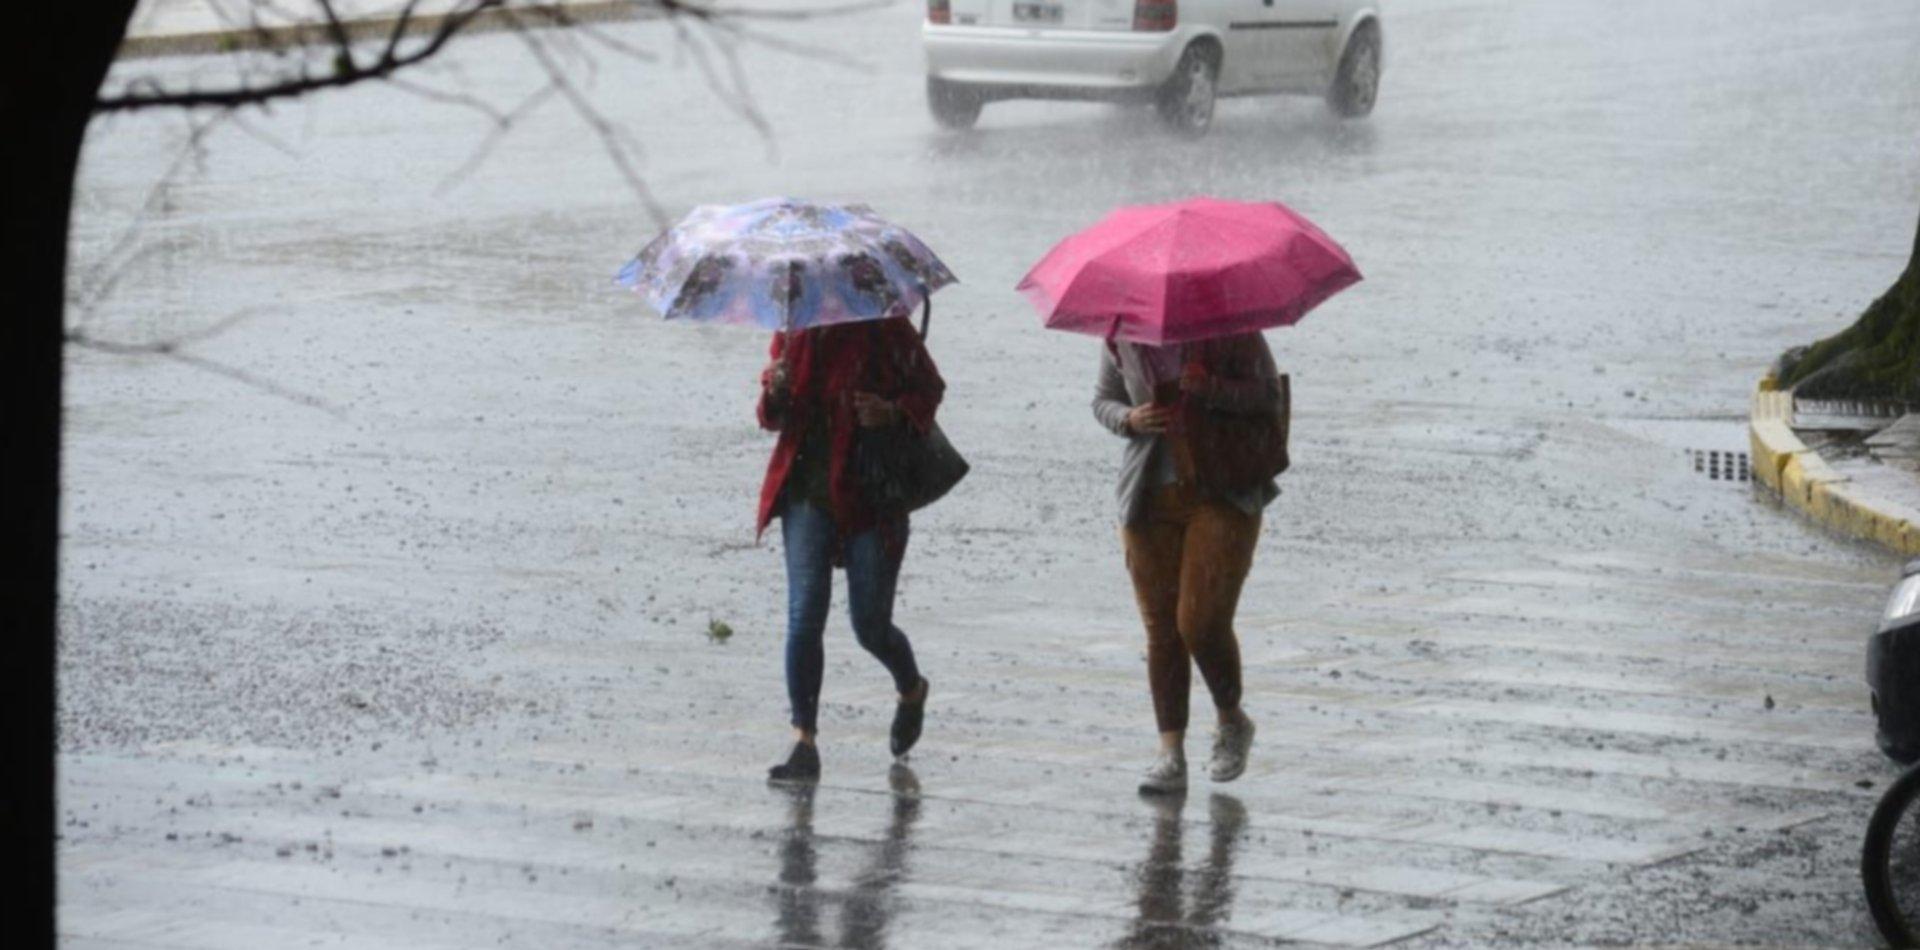 EDELAP emitió una serie de recomendaciones ante el alerta meteorológico en la región